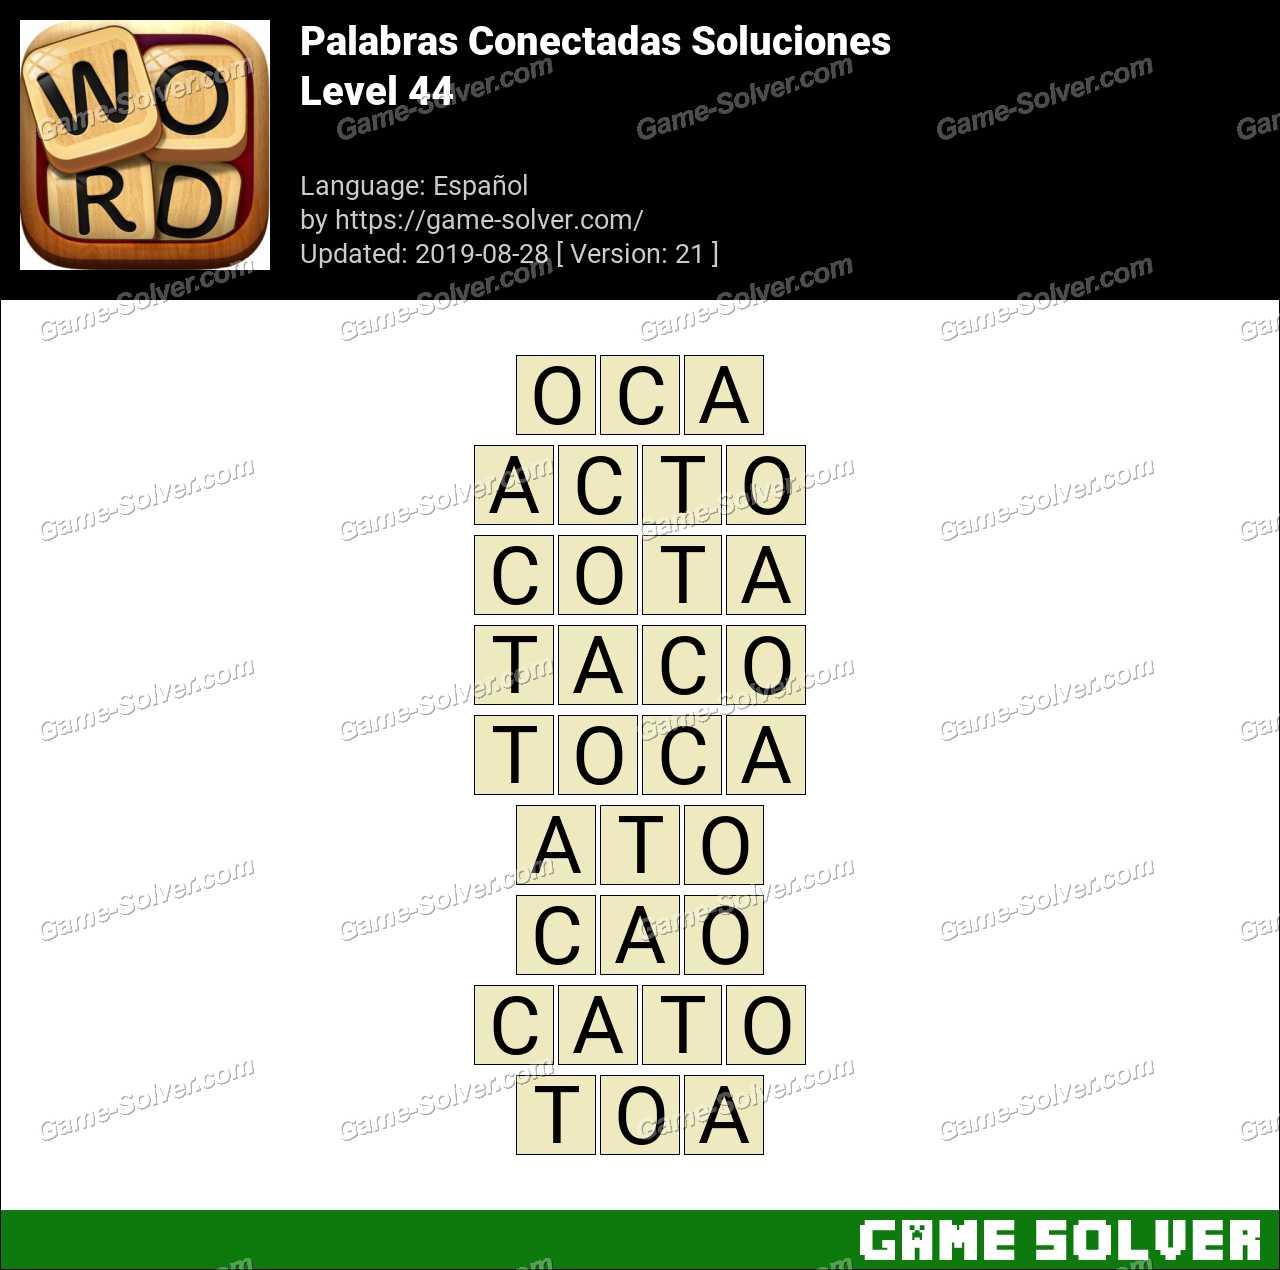 Palabras Conectadas Nivel 44 Soluciones